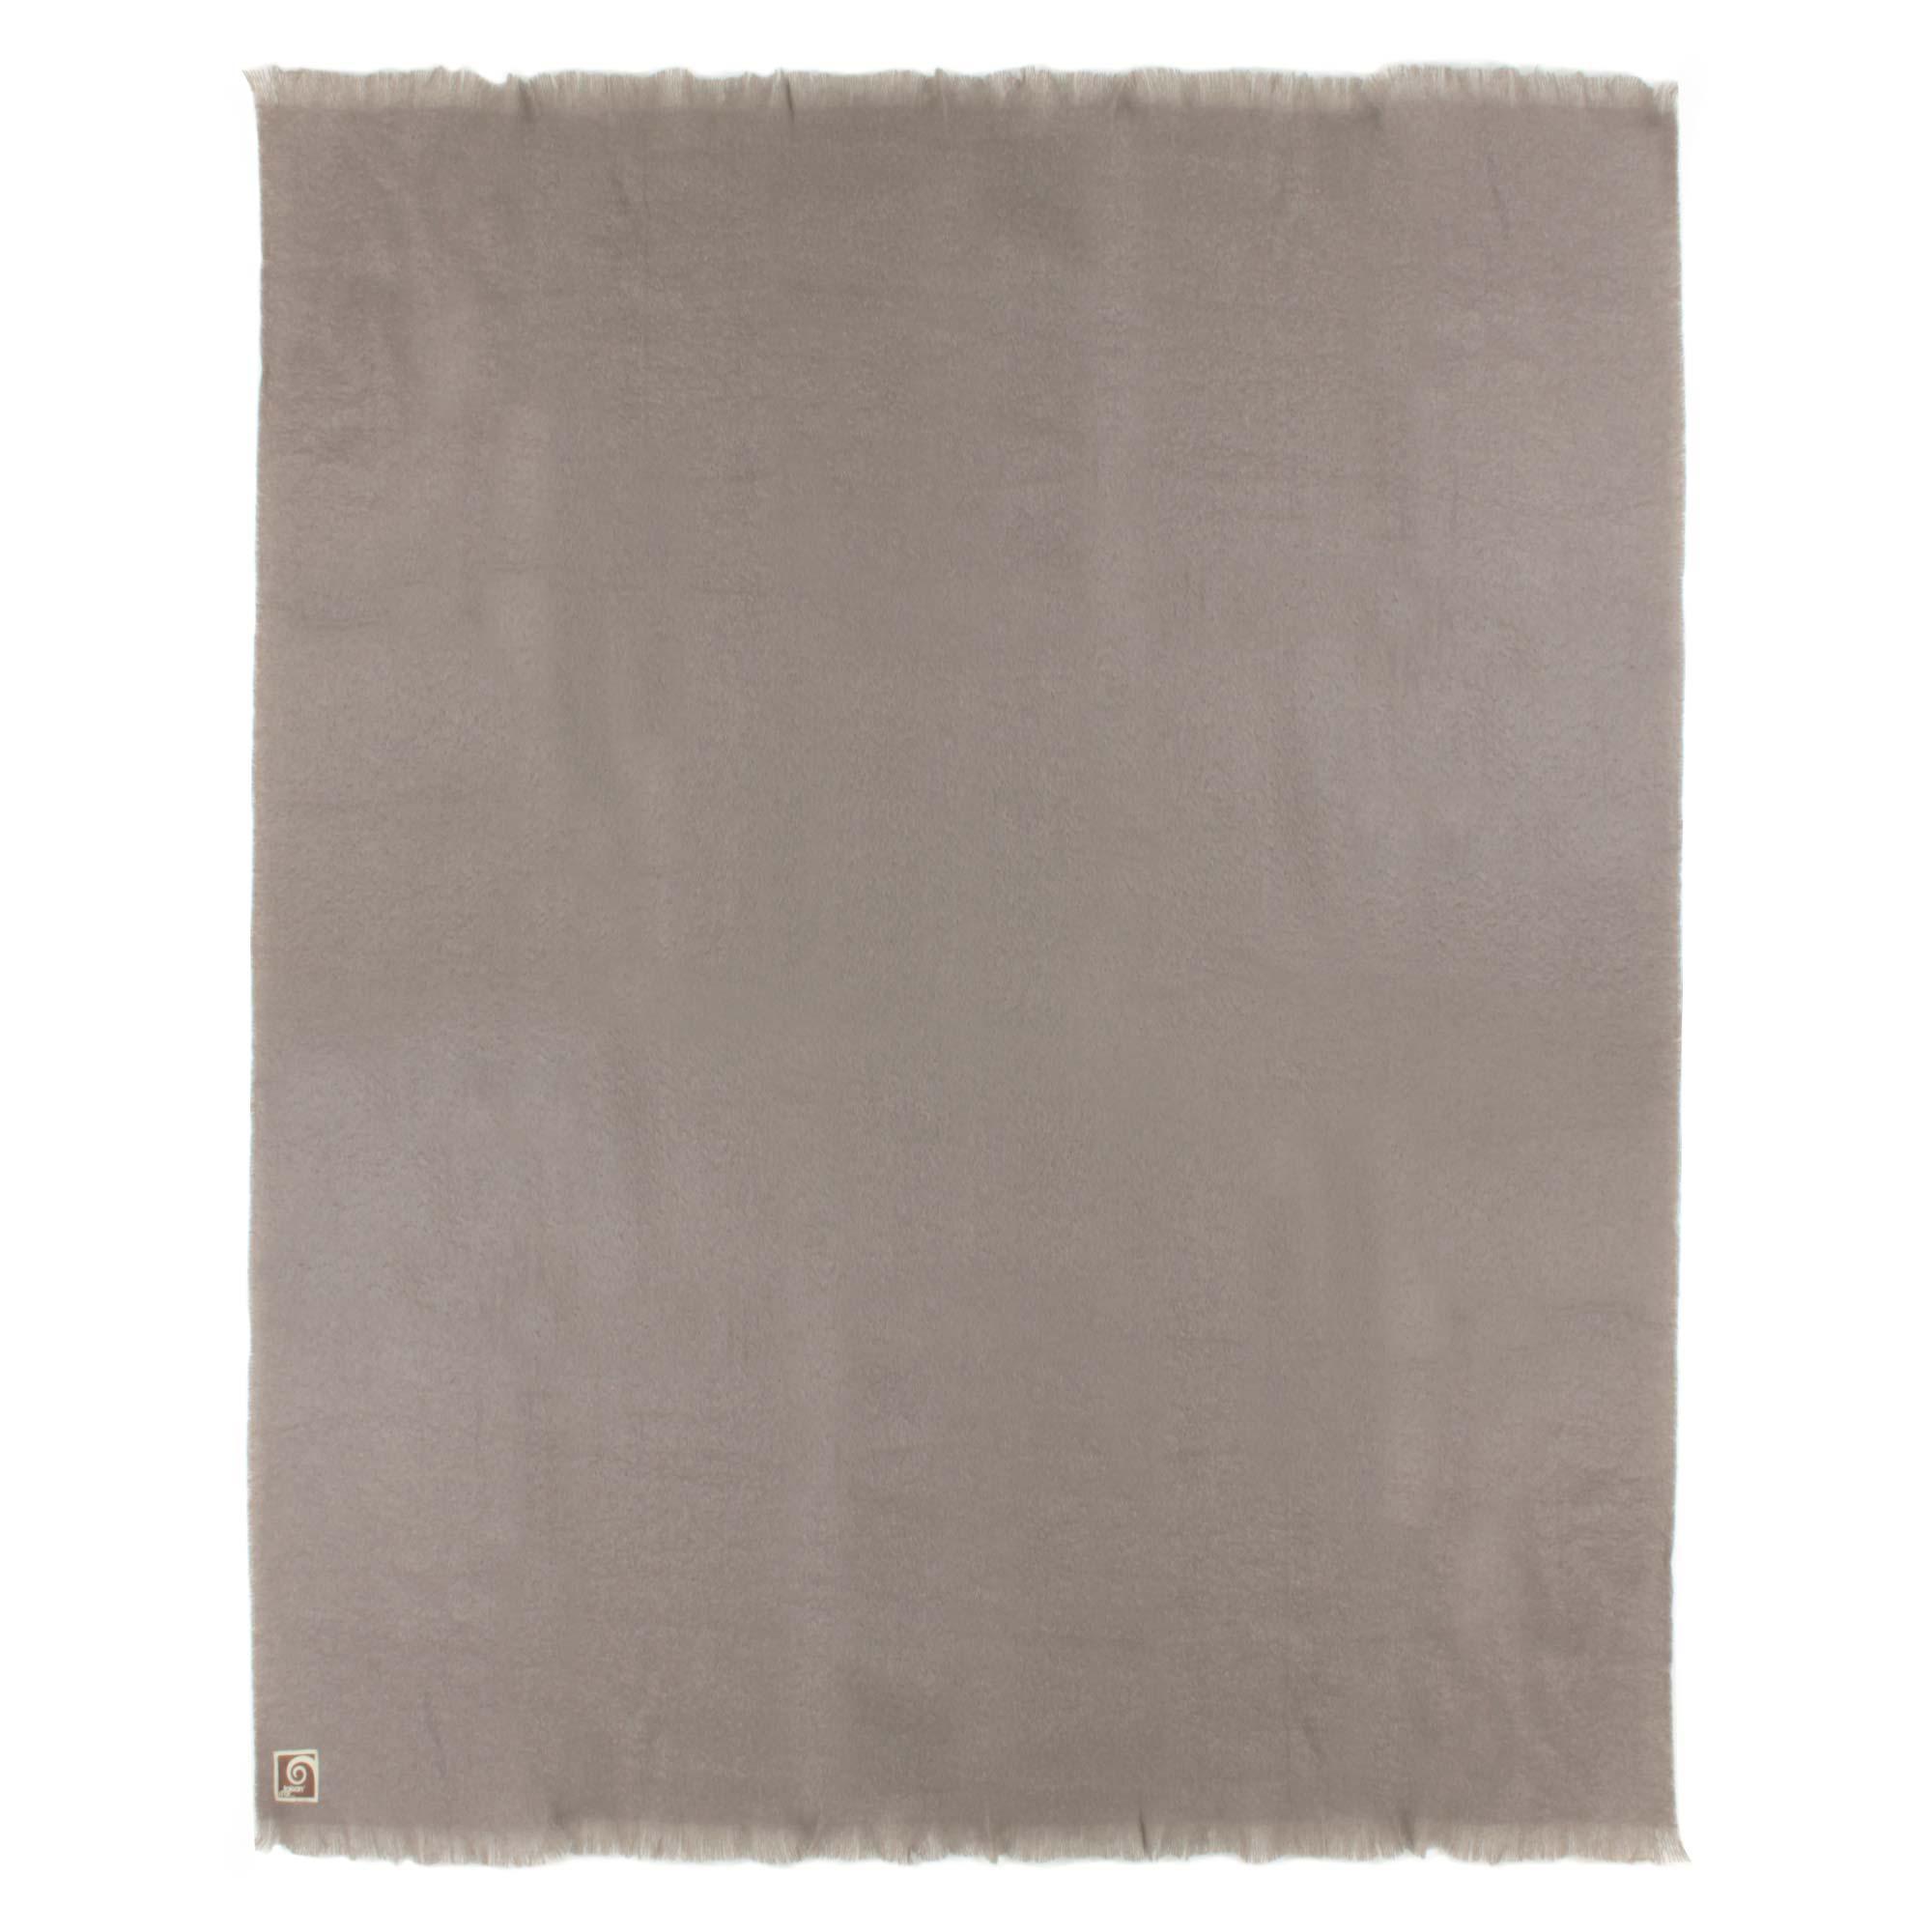 couverture laine mohair 220x240 cm thesee marron taupe linnea vente de linge de maison. Black Bedroom Furniture Sets. Home Design Ideas